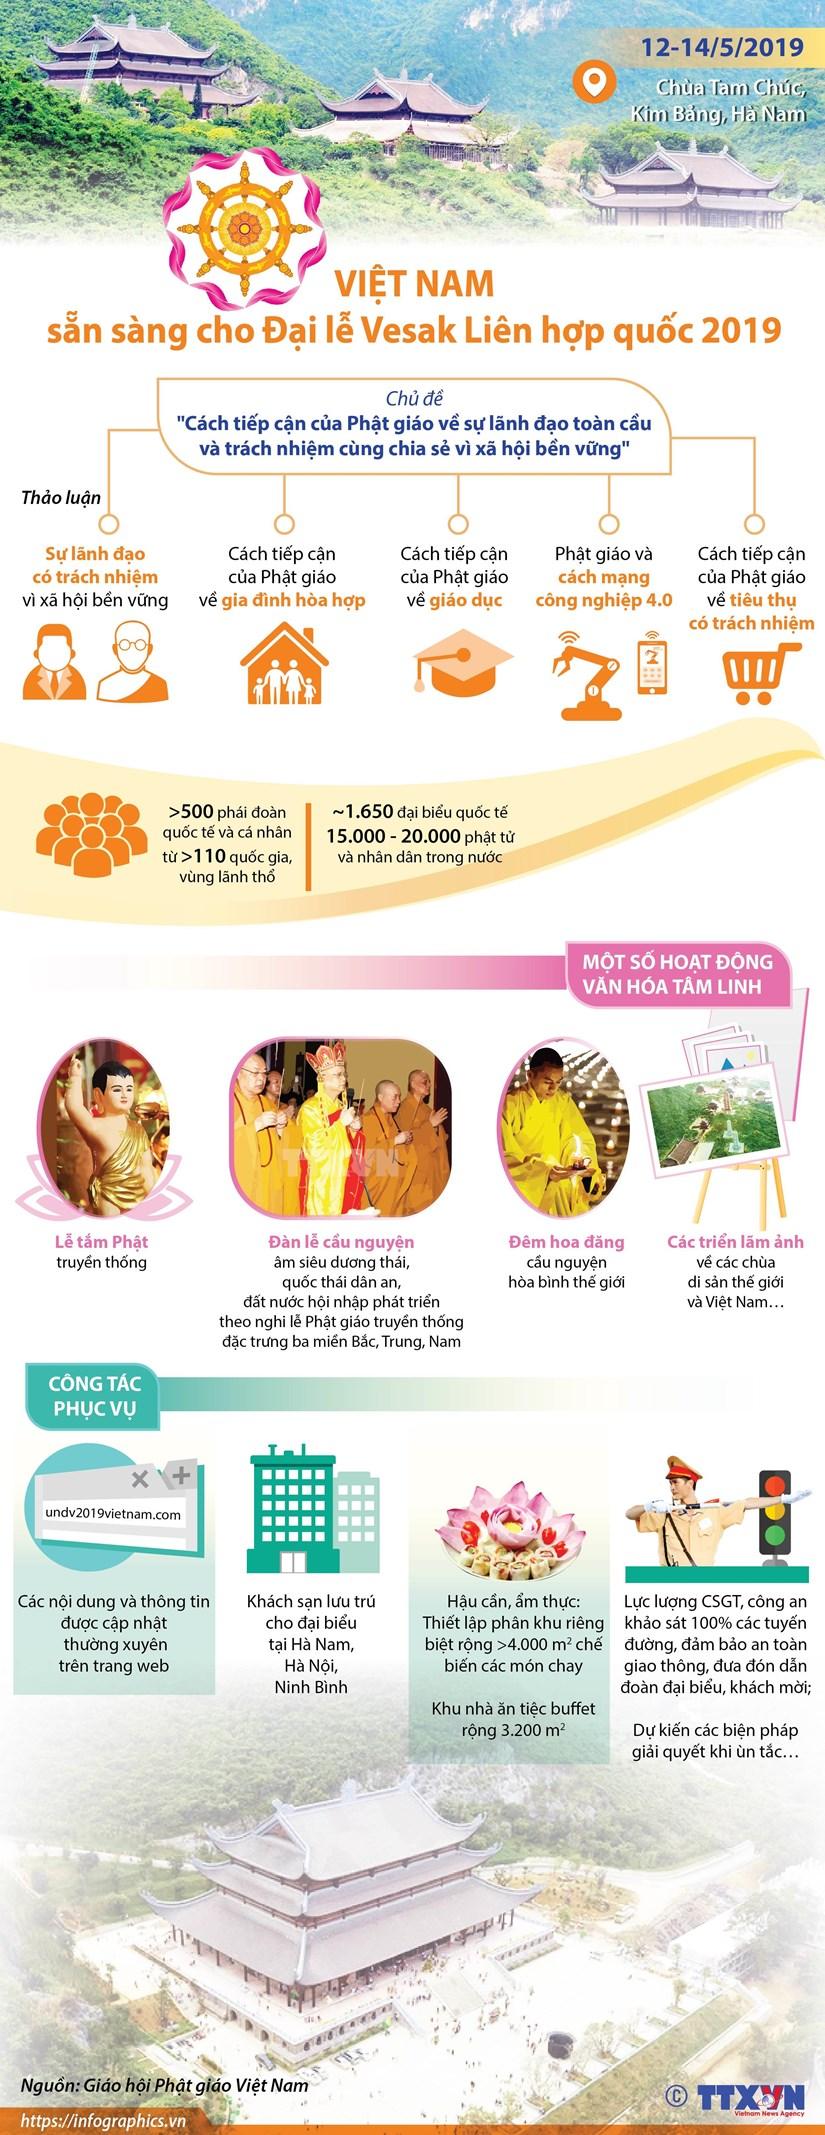 [Infographics] Viet Nam san sang cho Dai le Vesak Lien hop quoc 2019 hinh anh 1